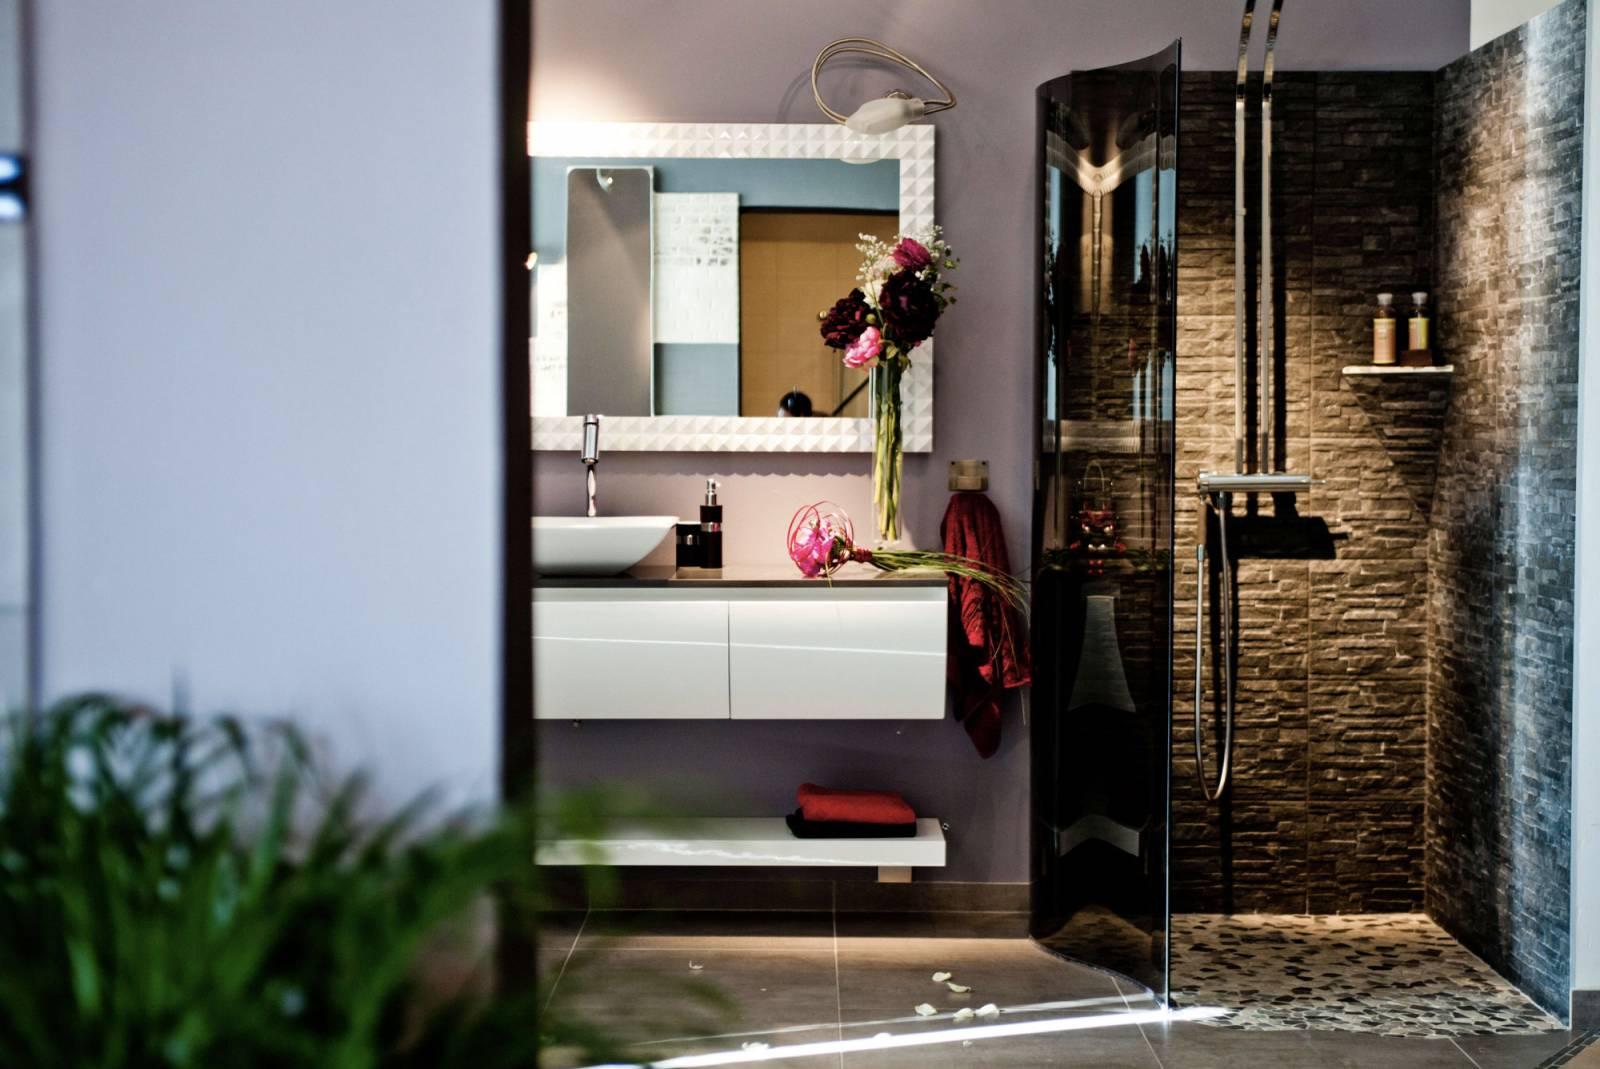 Salle De Bain Montpellier création et rénovation de salle de bain montpellier - carré